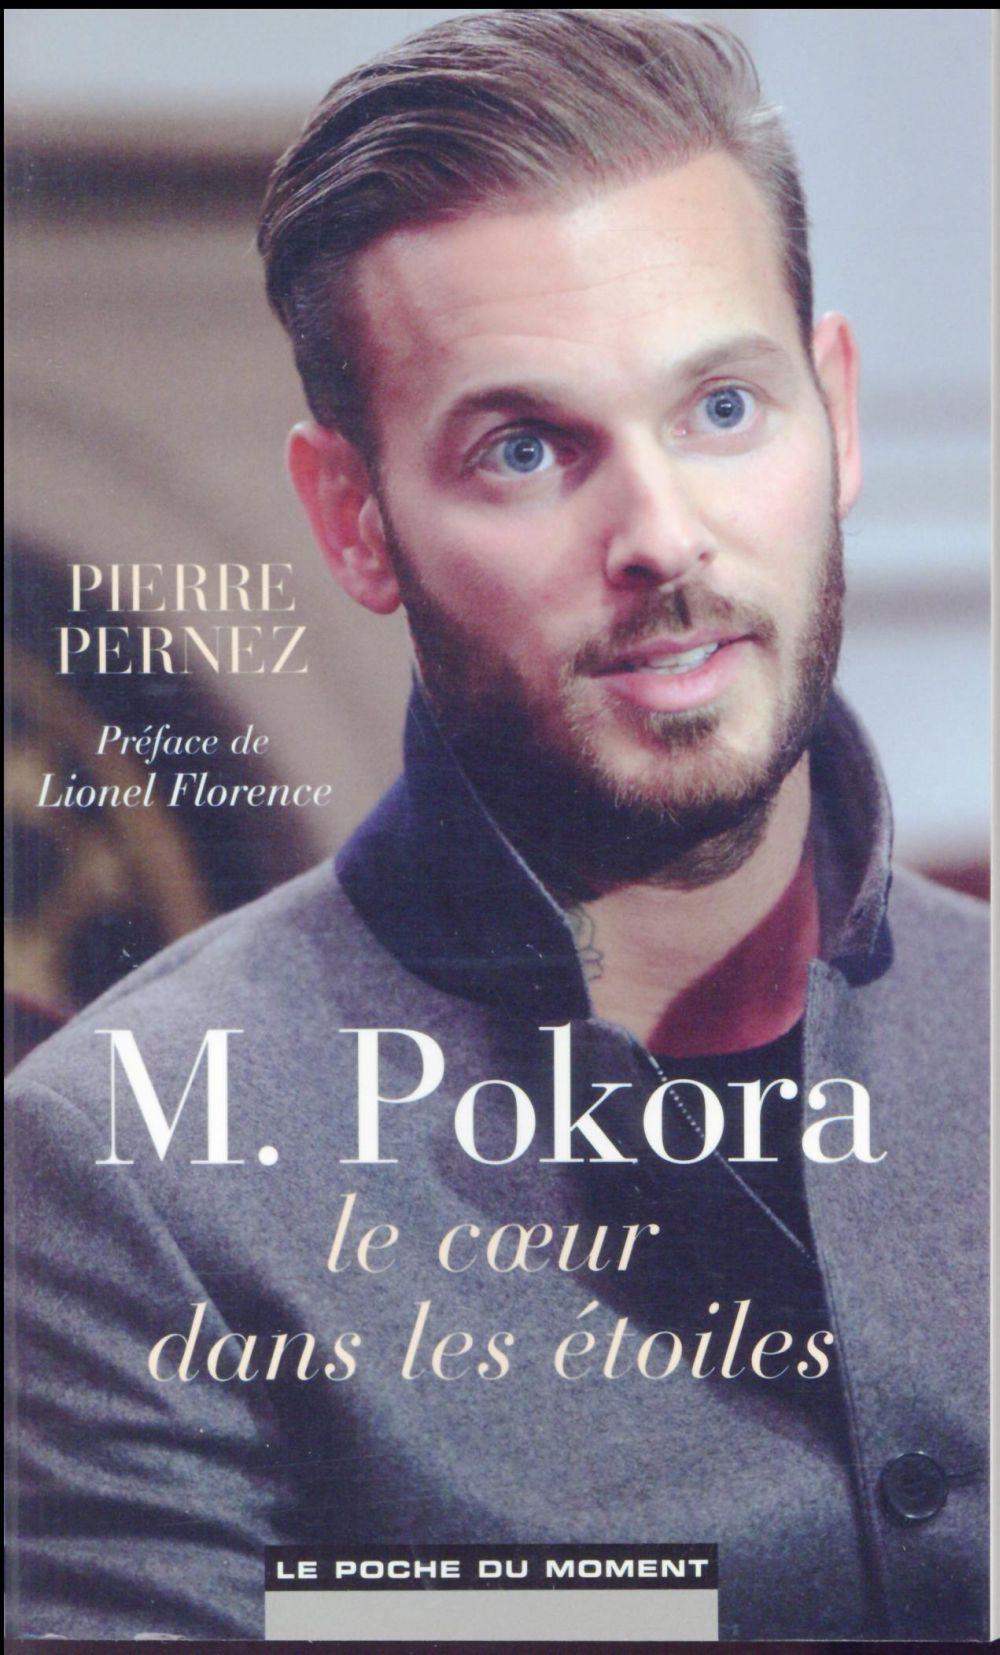 M. POKORA, LE COEUR DANS LES ETOILES